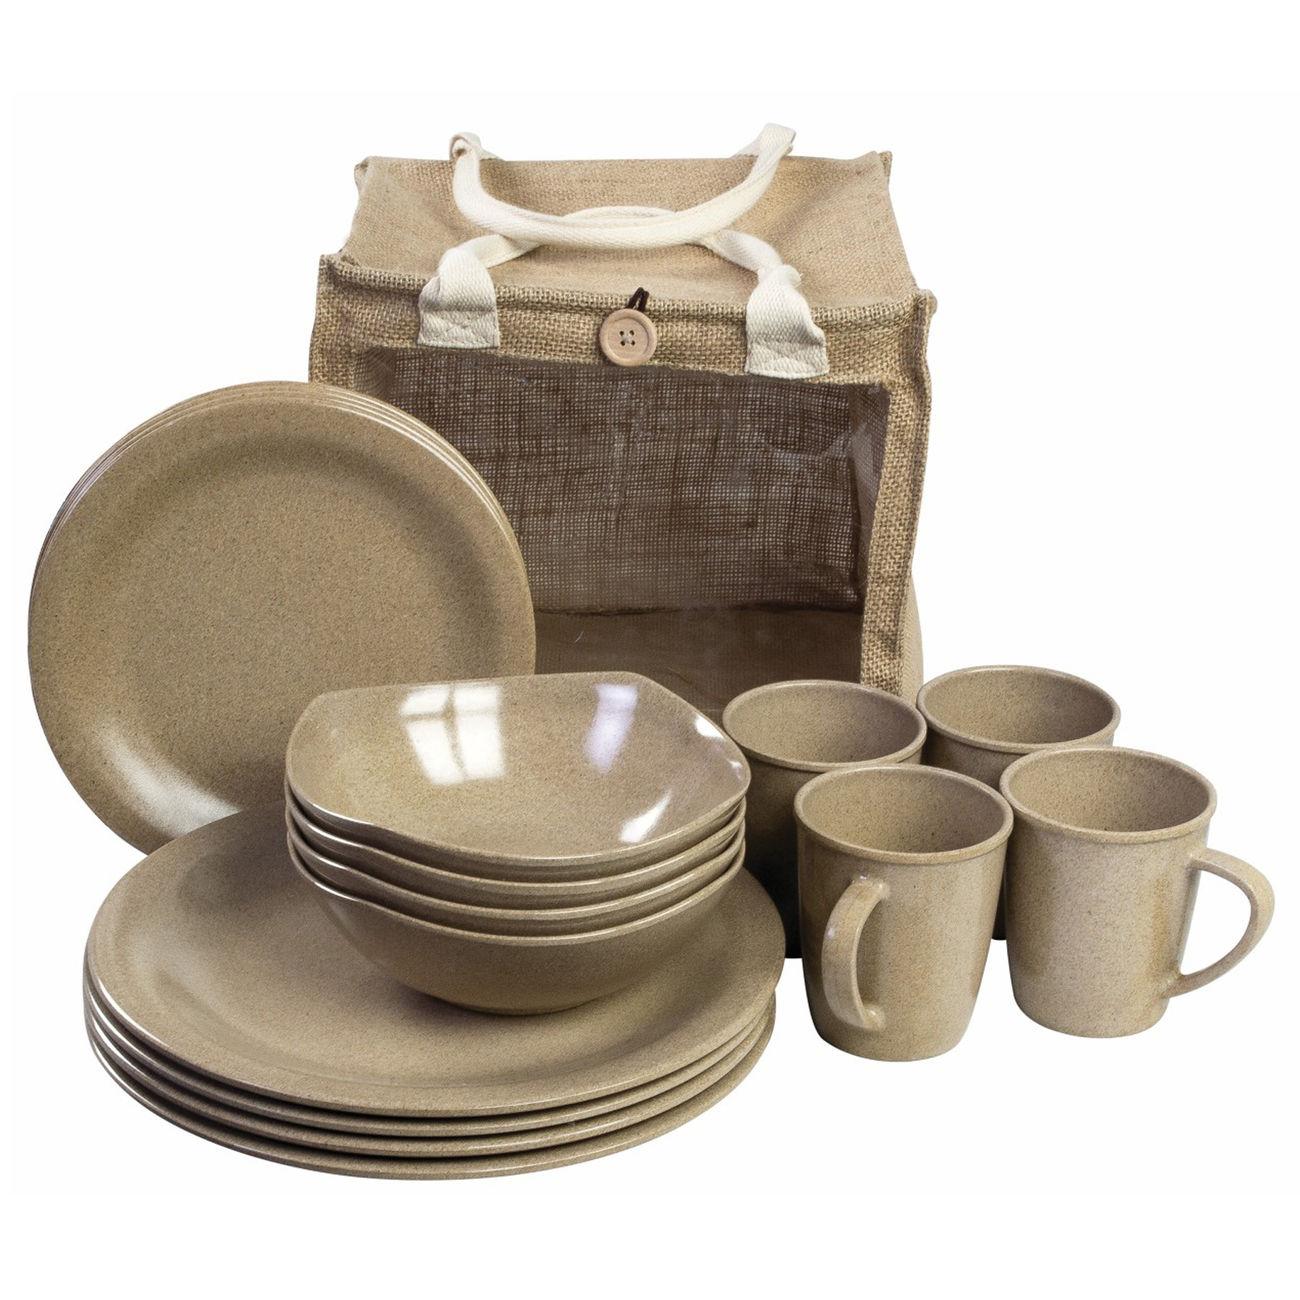 highlander picknick set 16 teilig natural beige g nstig kaufen kotte zeller. Black Bedroom Furniture Sets. Home Design Ideas